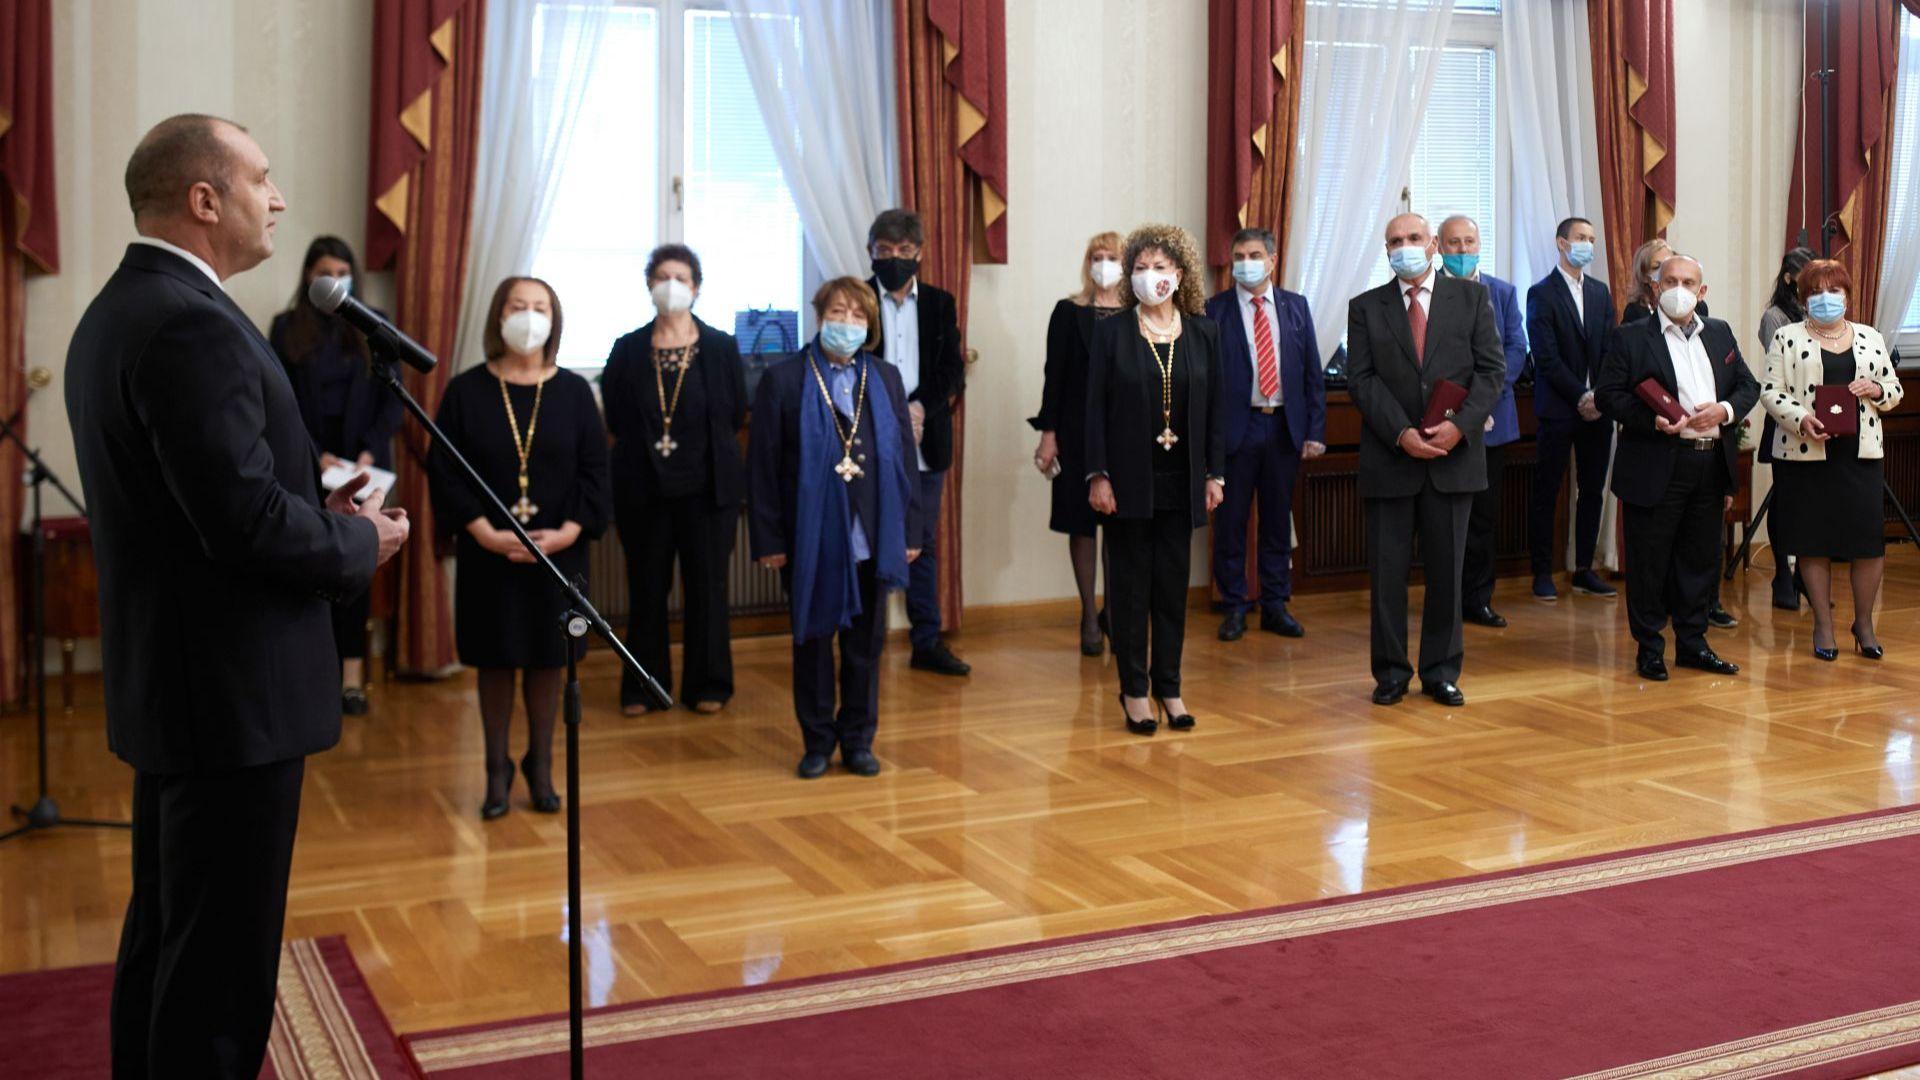 Румен Радев награди с ордени редица културни дейци